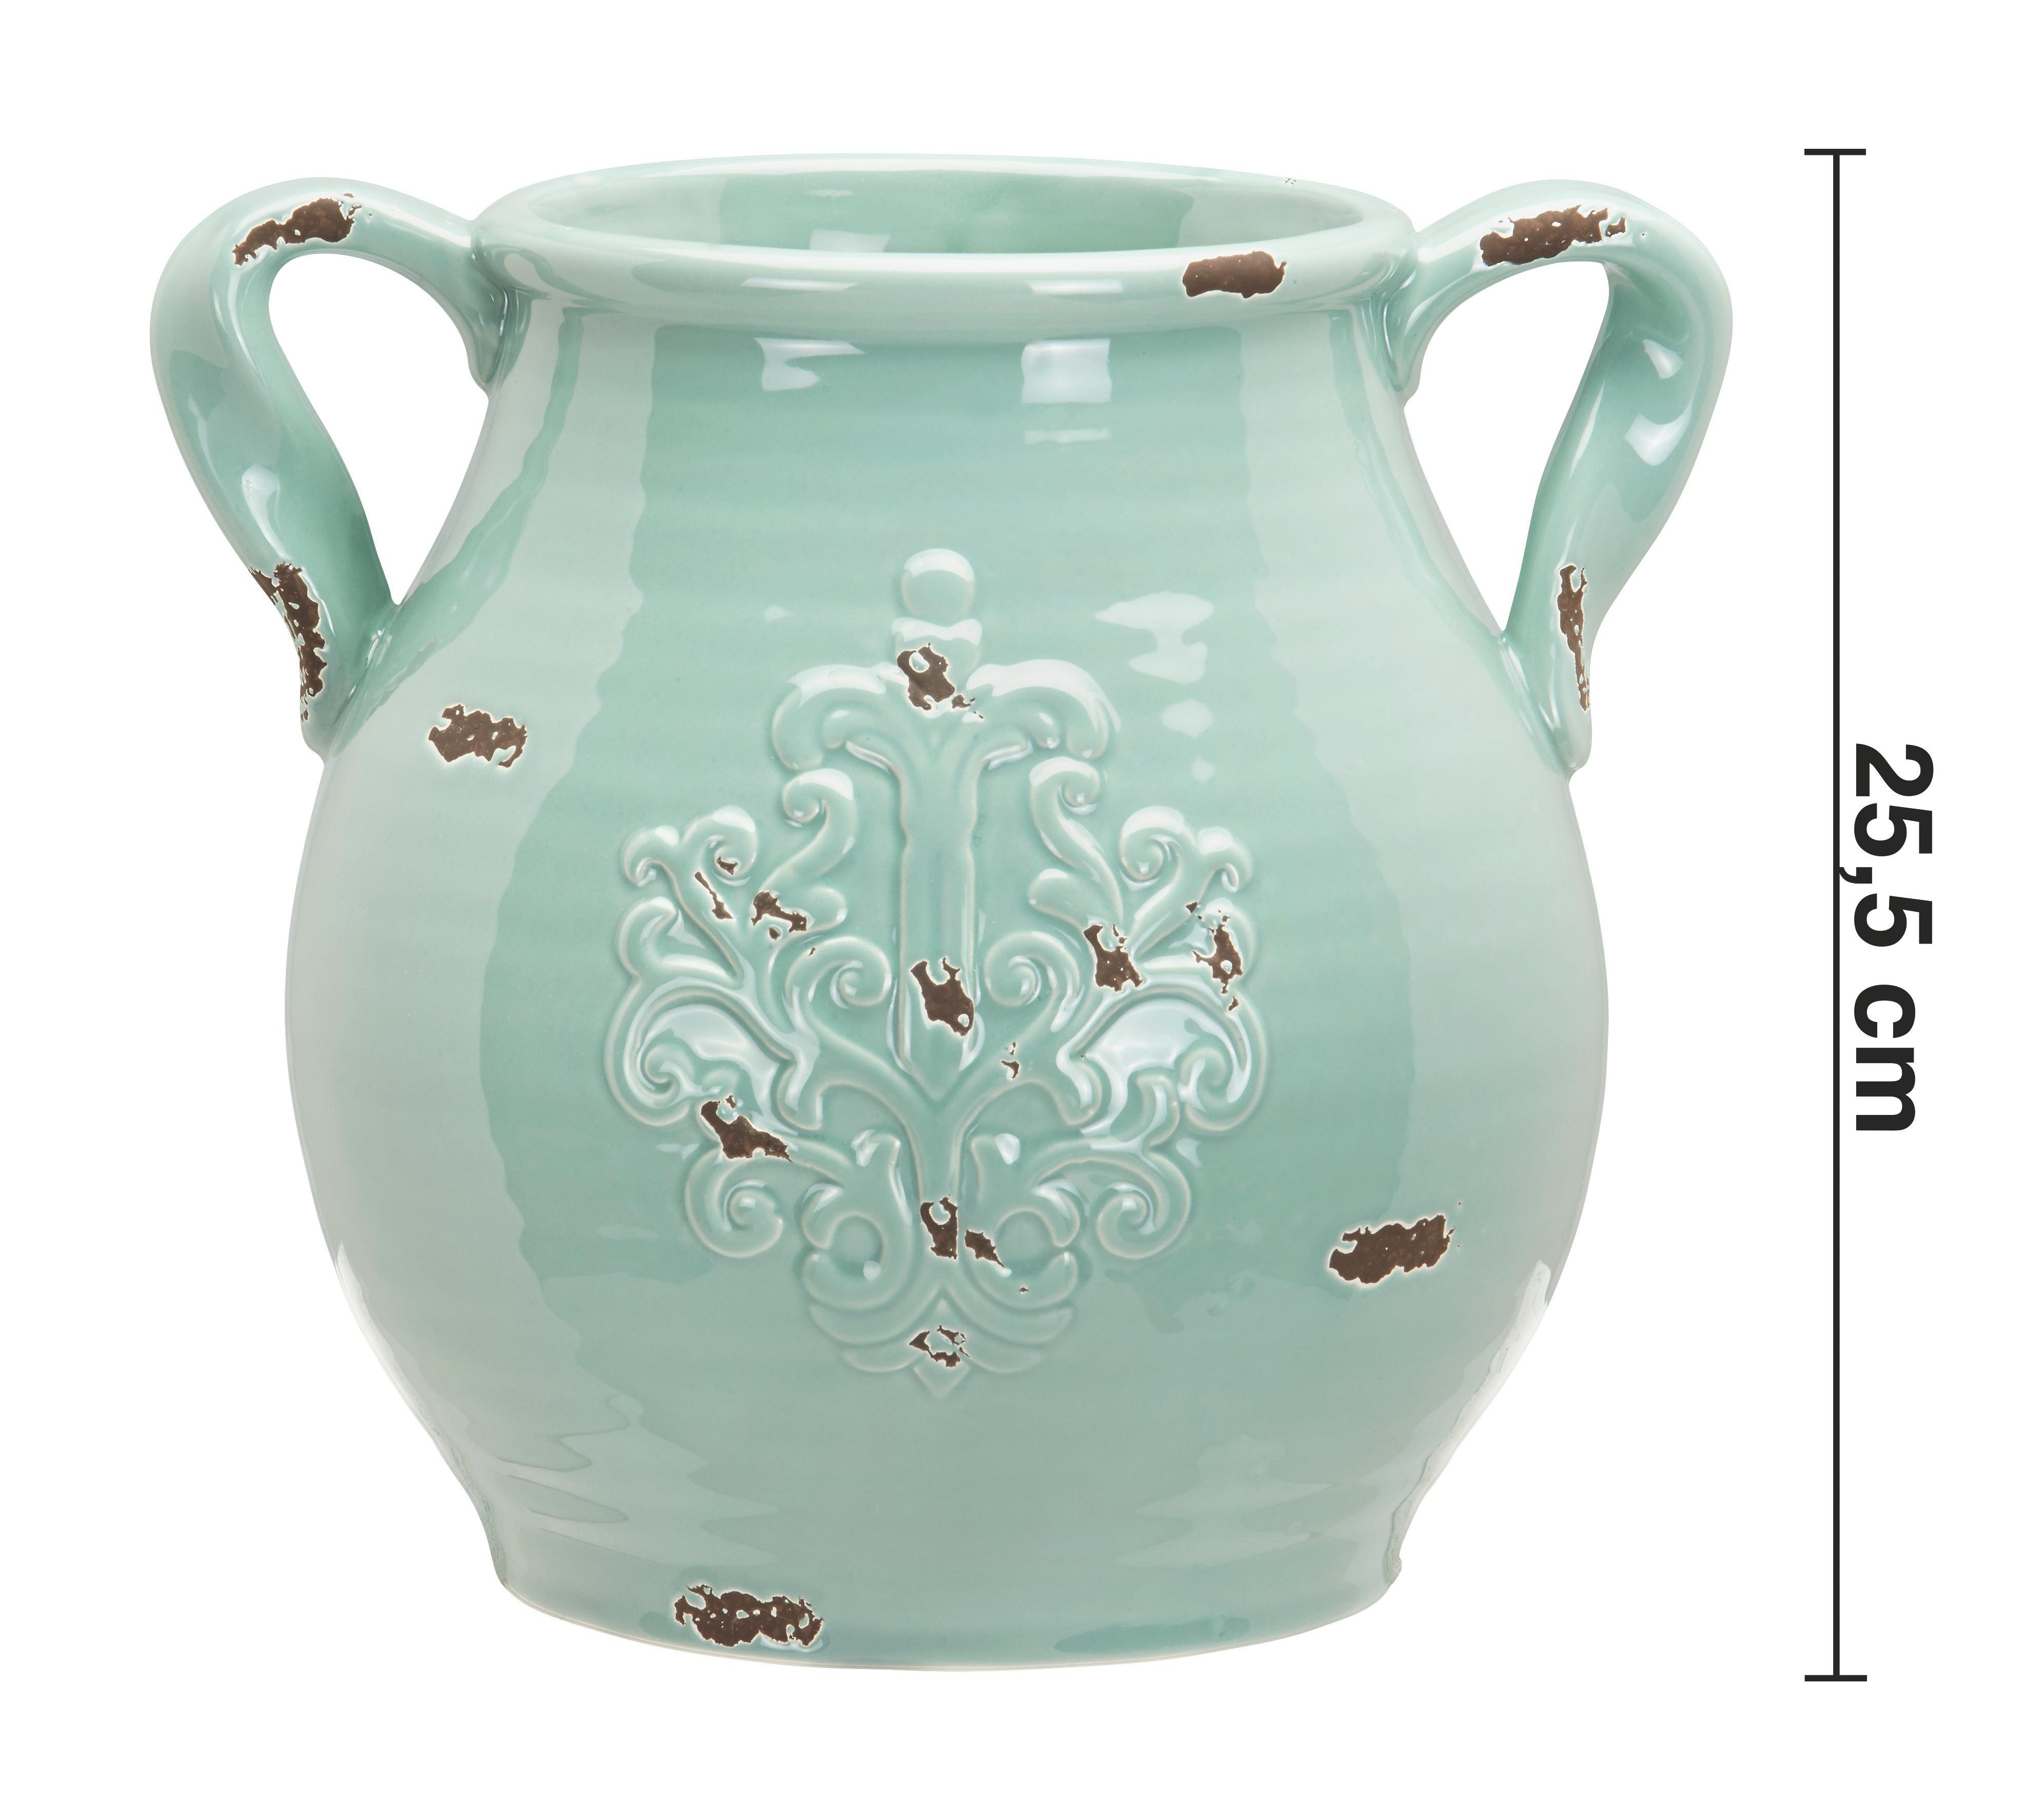 Dekokrug Nephele - Grün, MODERN, Keramik (28,5/24,5/25,5cm) - MÖMAX modern living